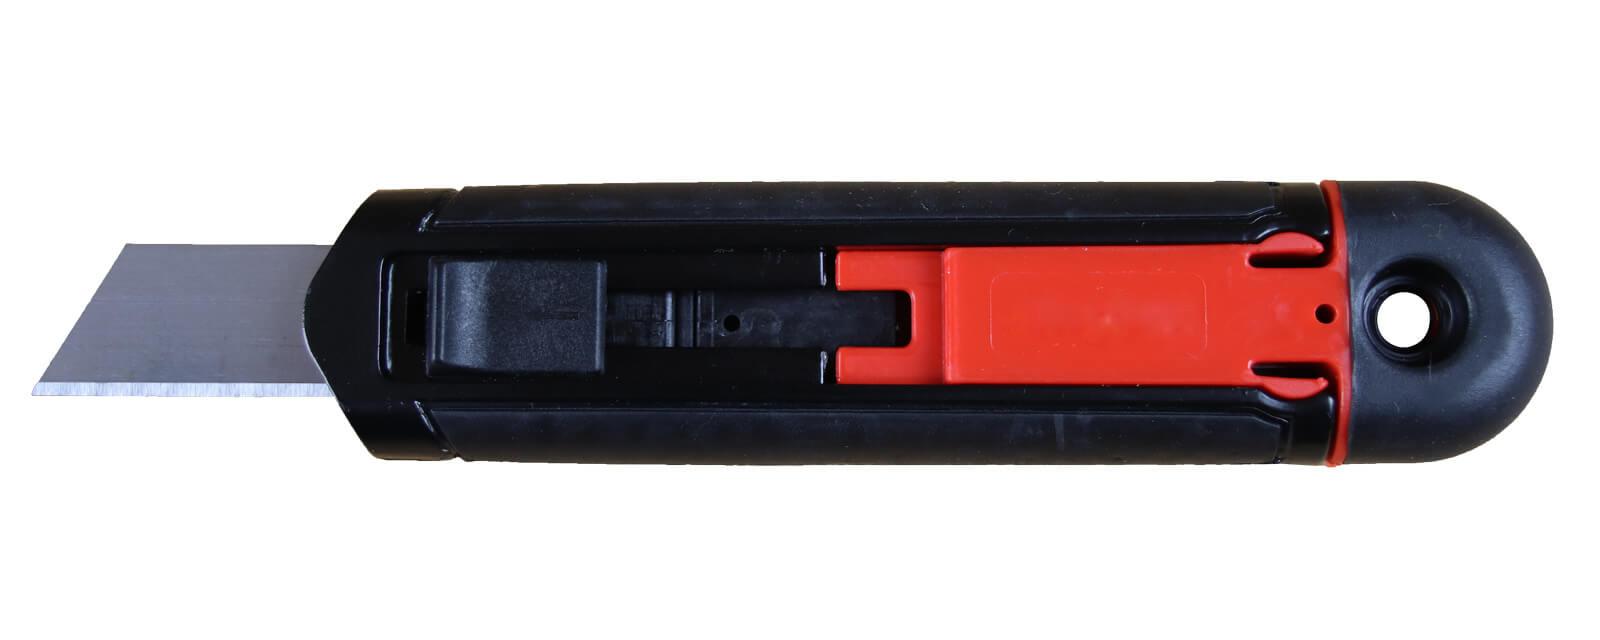 U002P-Sicherheitsmesser-Profi-lang-40cm-Klinge-automatischer-Klingenrückzug-CURT-tools_1600